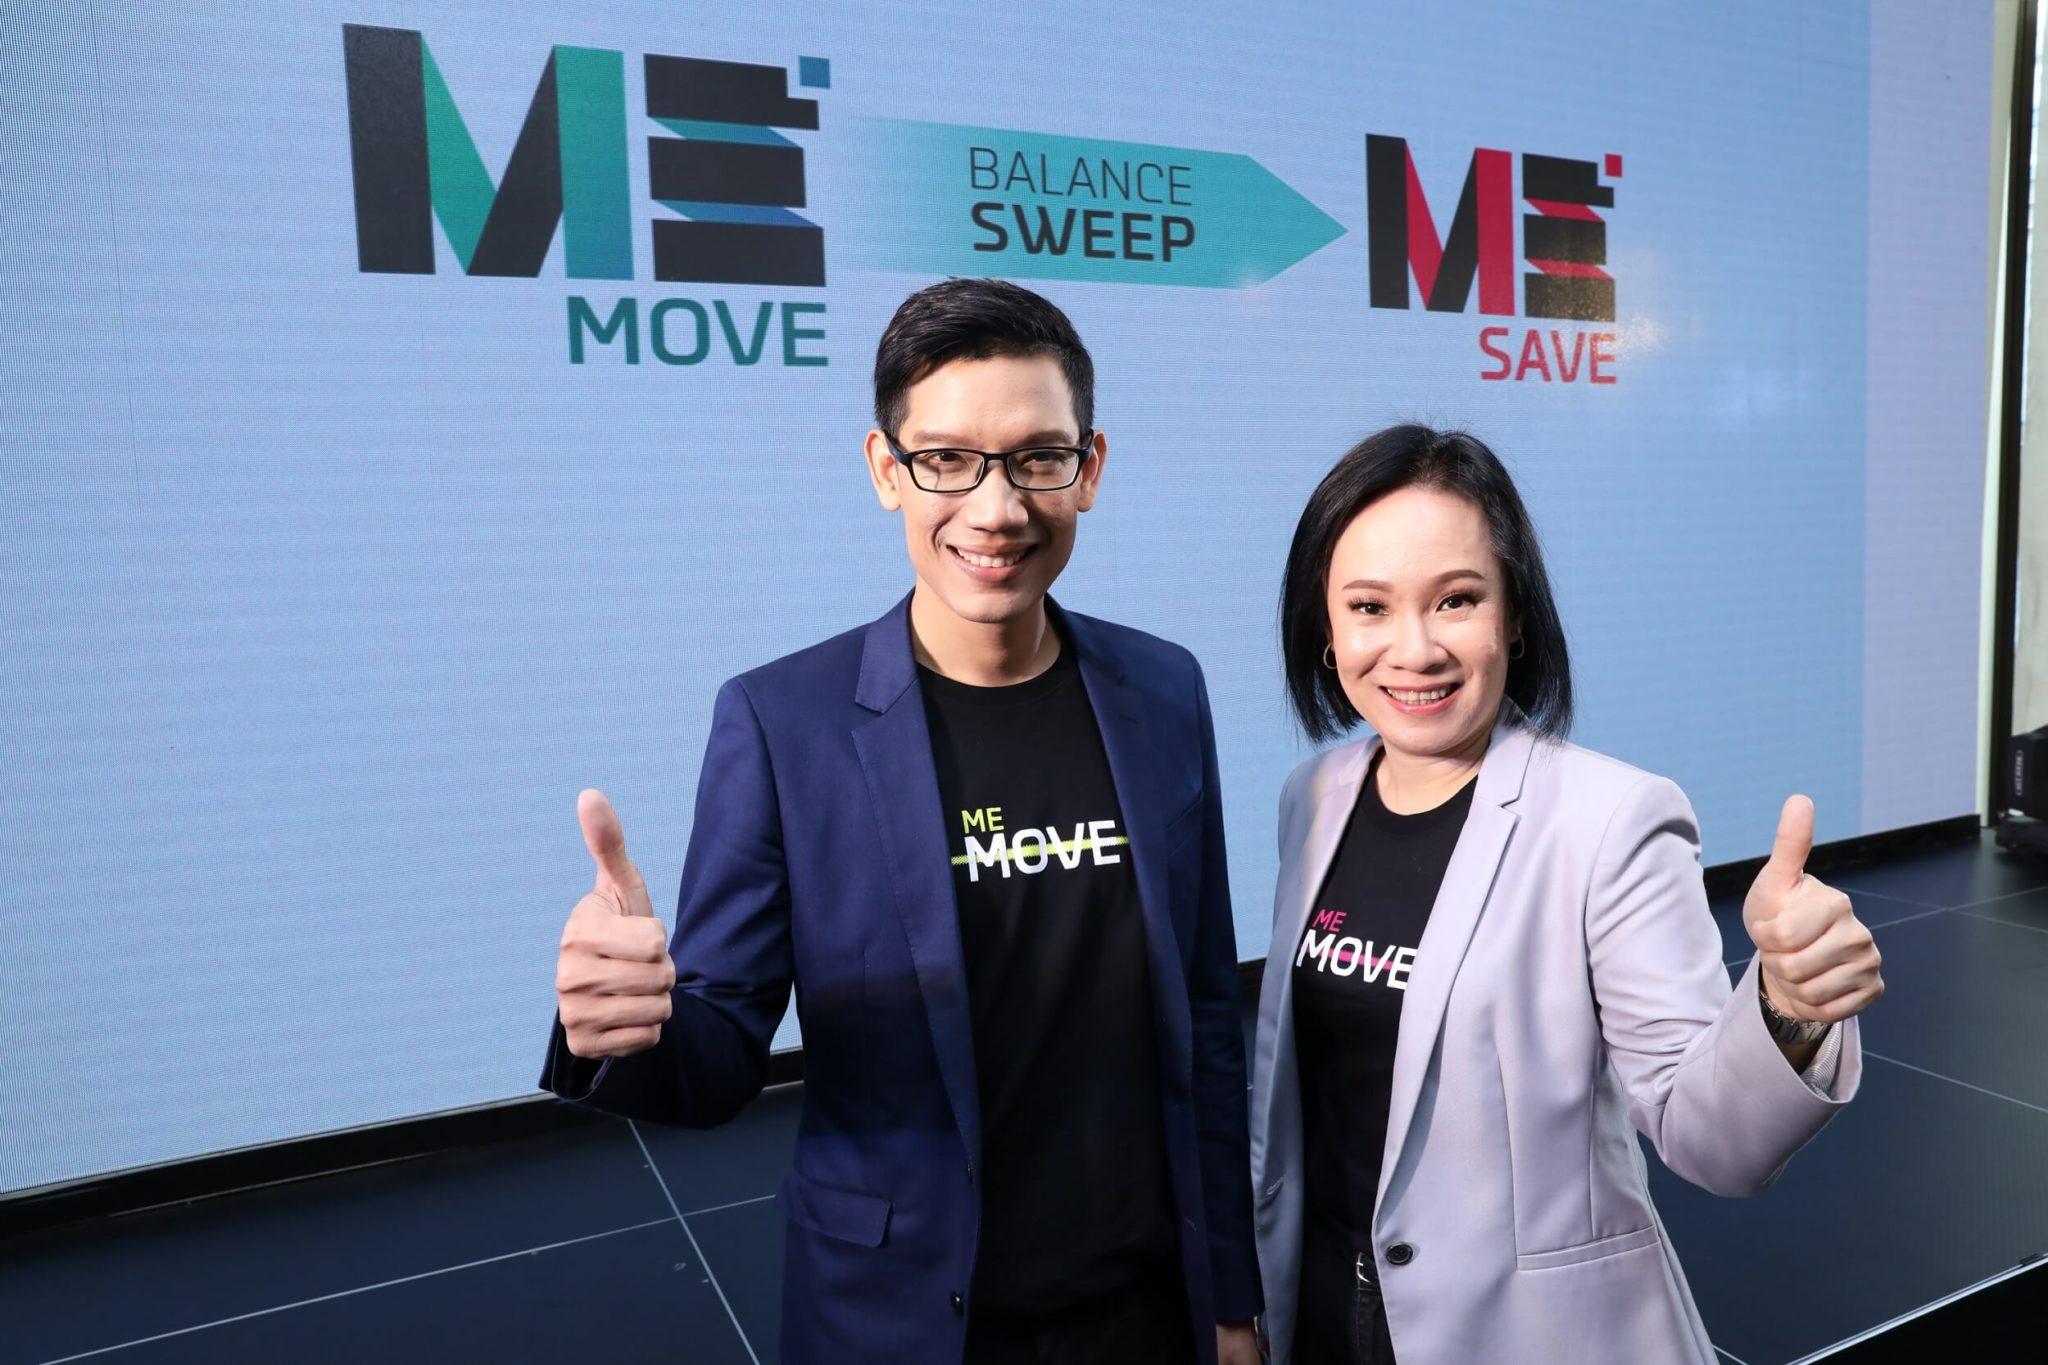 """ME by TMB ตอกย้ำผู้นำดิจิทัลแบงก์กิ้ง ส่ง """"ME MOVE"""" บัญชีใช้จ่ายใหม่  พร้อมฟังก์ชั่นปัดเงินอัตโนมัติ ไม่พลาดรับดอกสูงครั้งแรกในประเทศไทย 2 - TMB"""